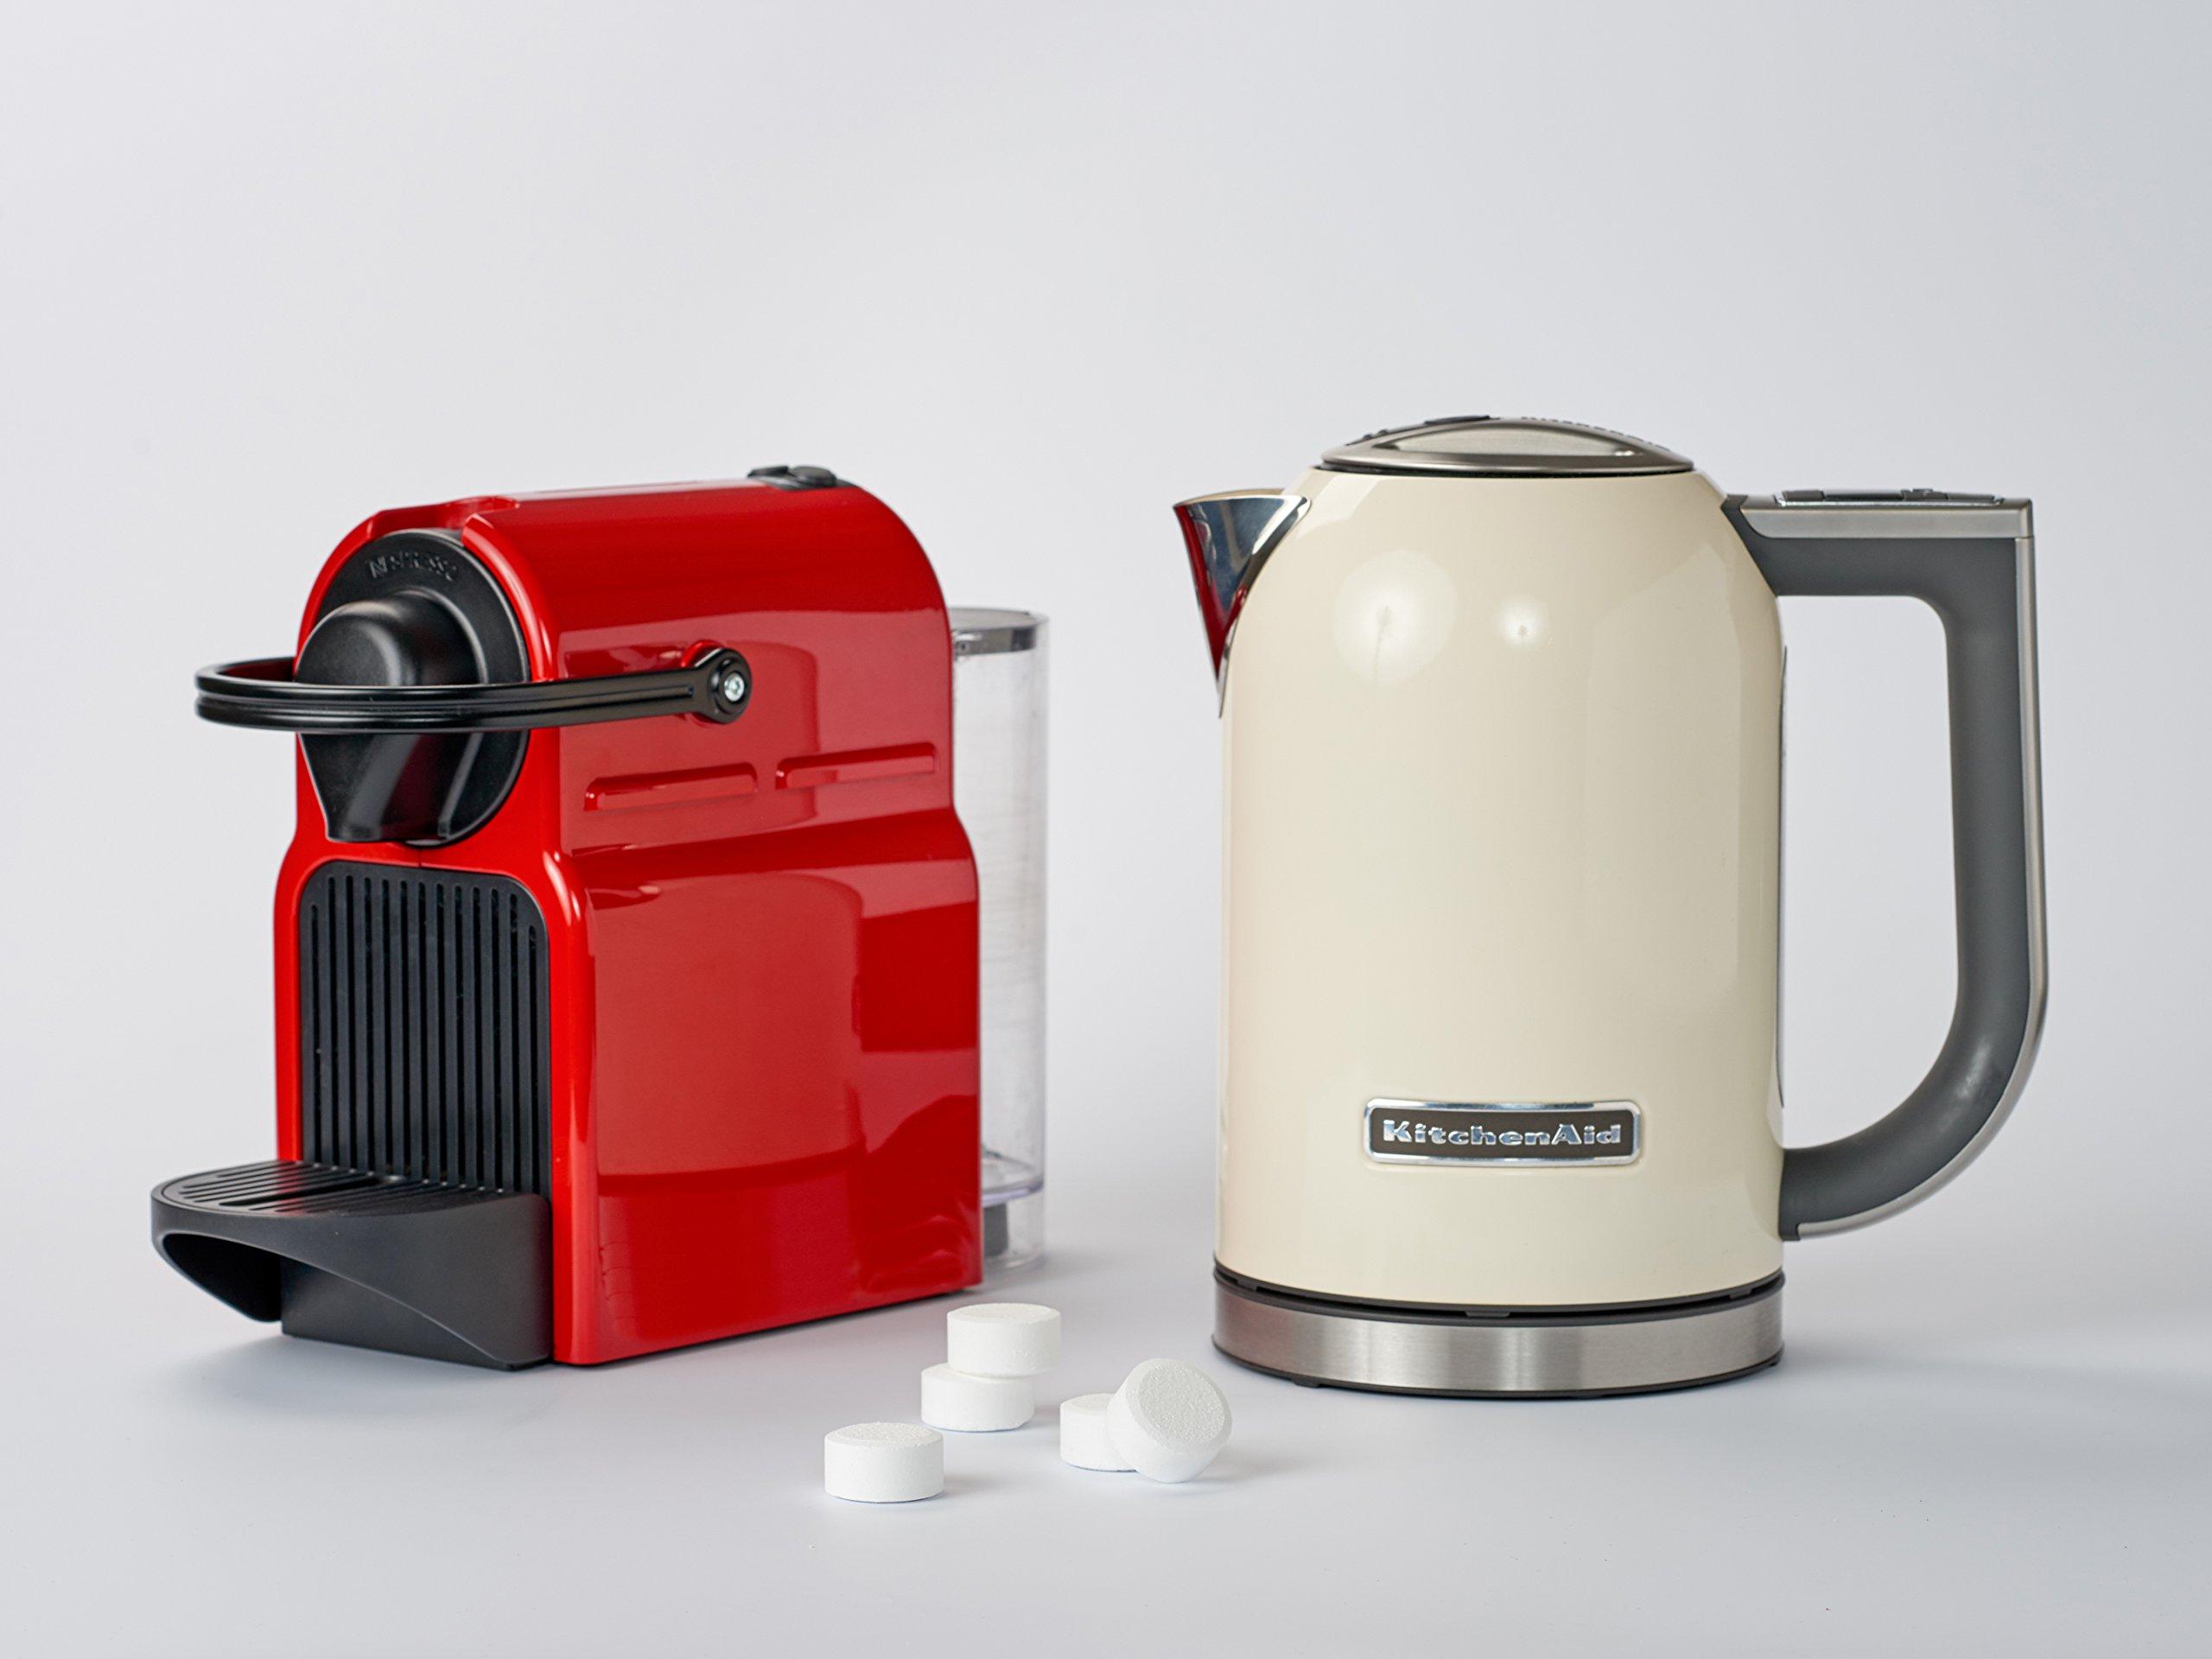 Culiclean 18 Stück Entkalkungstabletten (Entkalker-Tabs) Für Kaffee-Maschine, Kaffeevollautomaten, Haushaltsgeräte Und Wasserkocher – Kompatibel Mit Saeco, Jura, Tassimo, Bosch, Siemens, DeLonghi, WMF Und Vielen Anderen